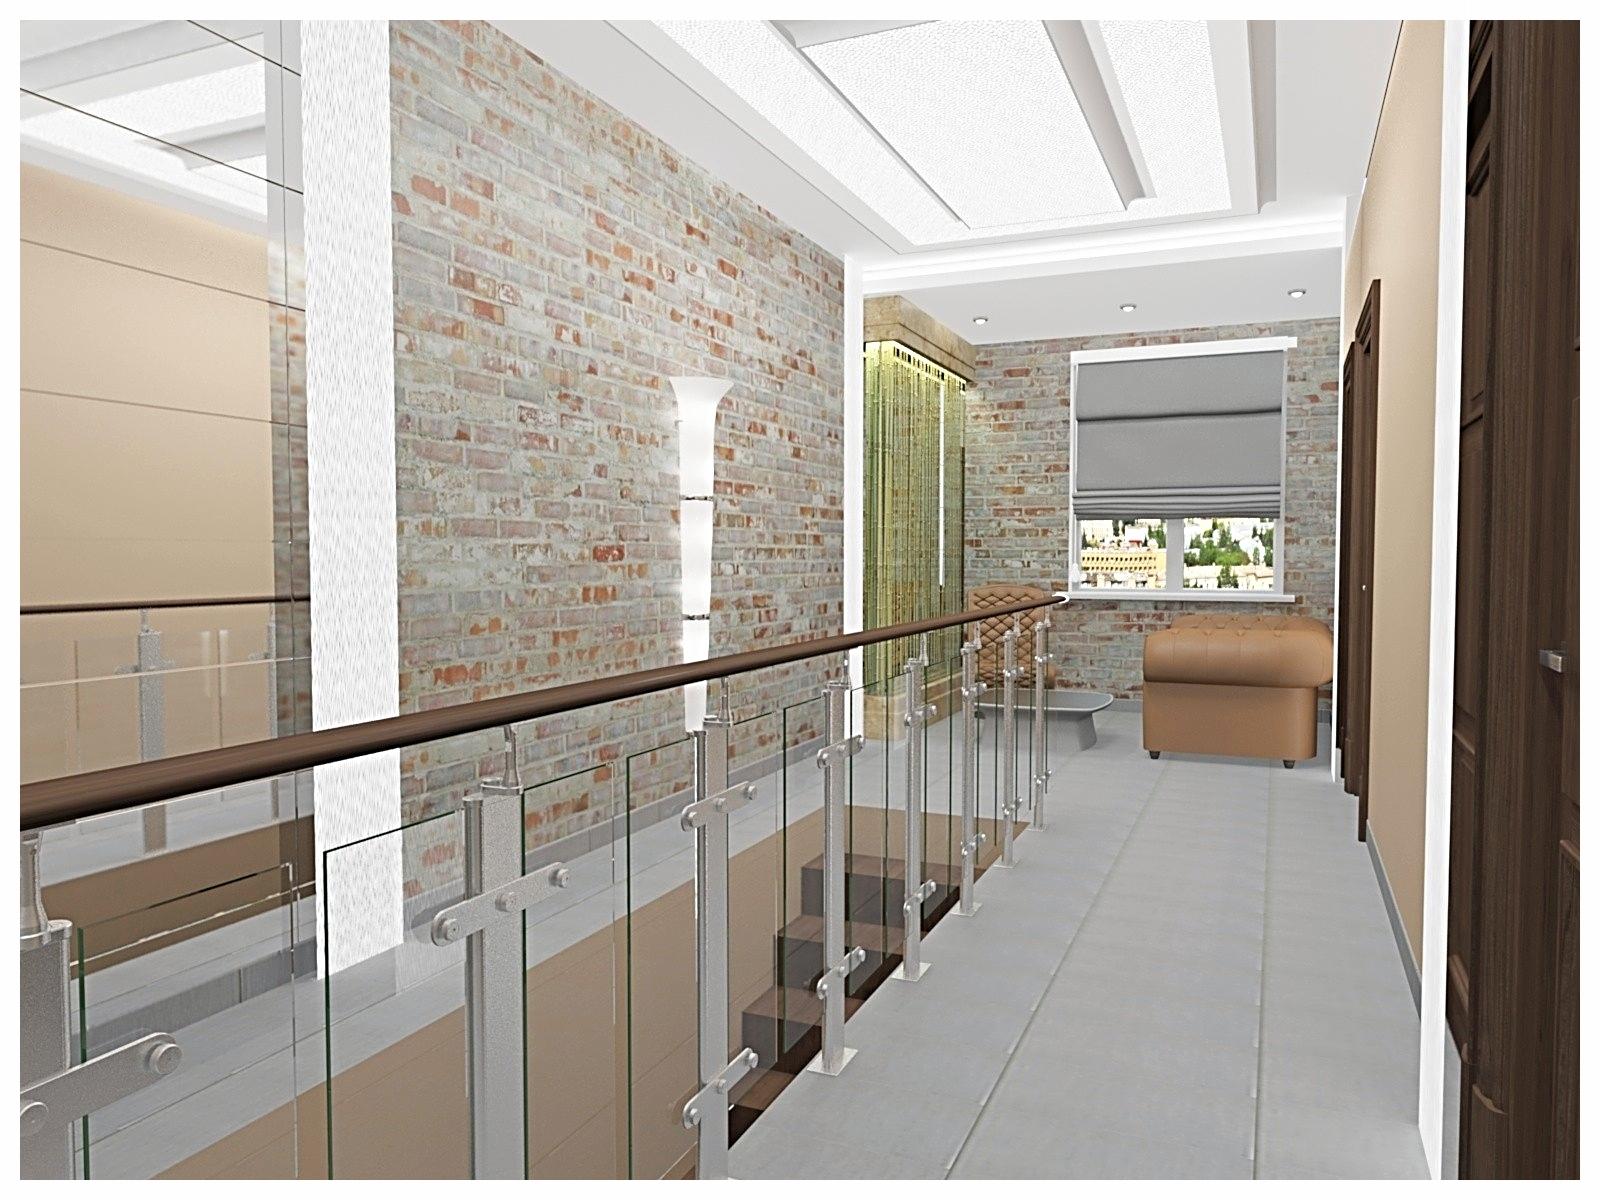 Дизайн интерьеров офиса. Холл второго этажа 1.